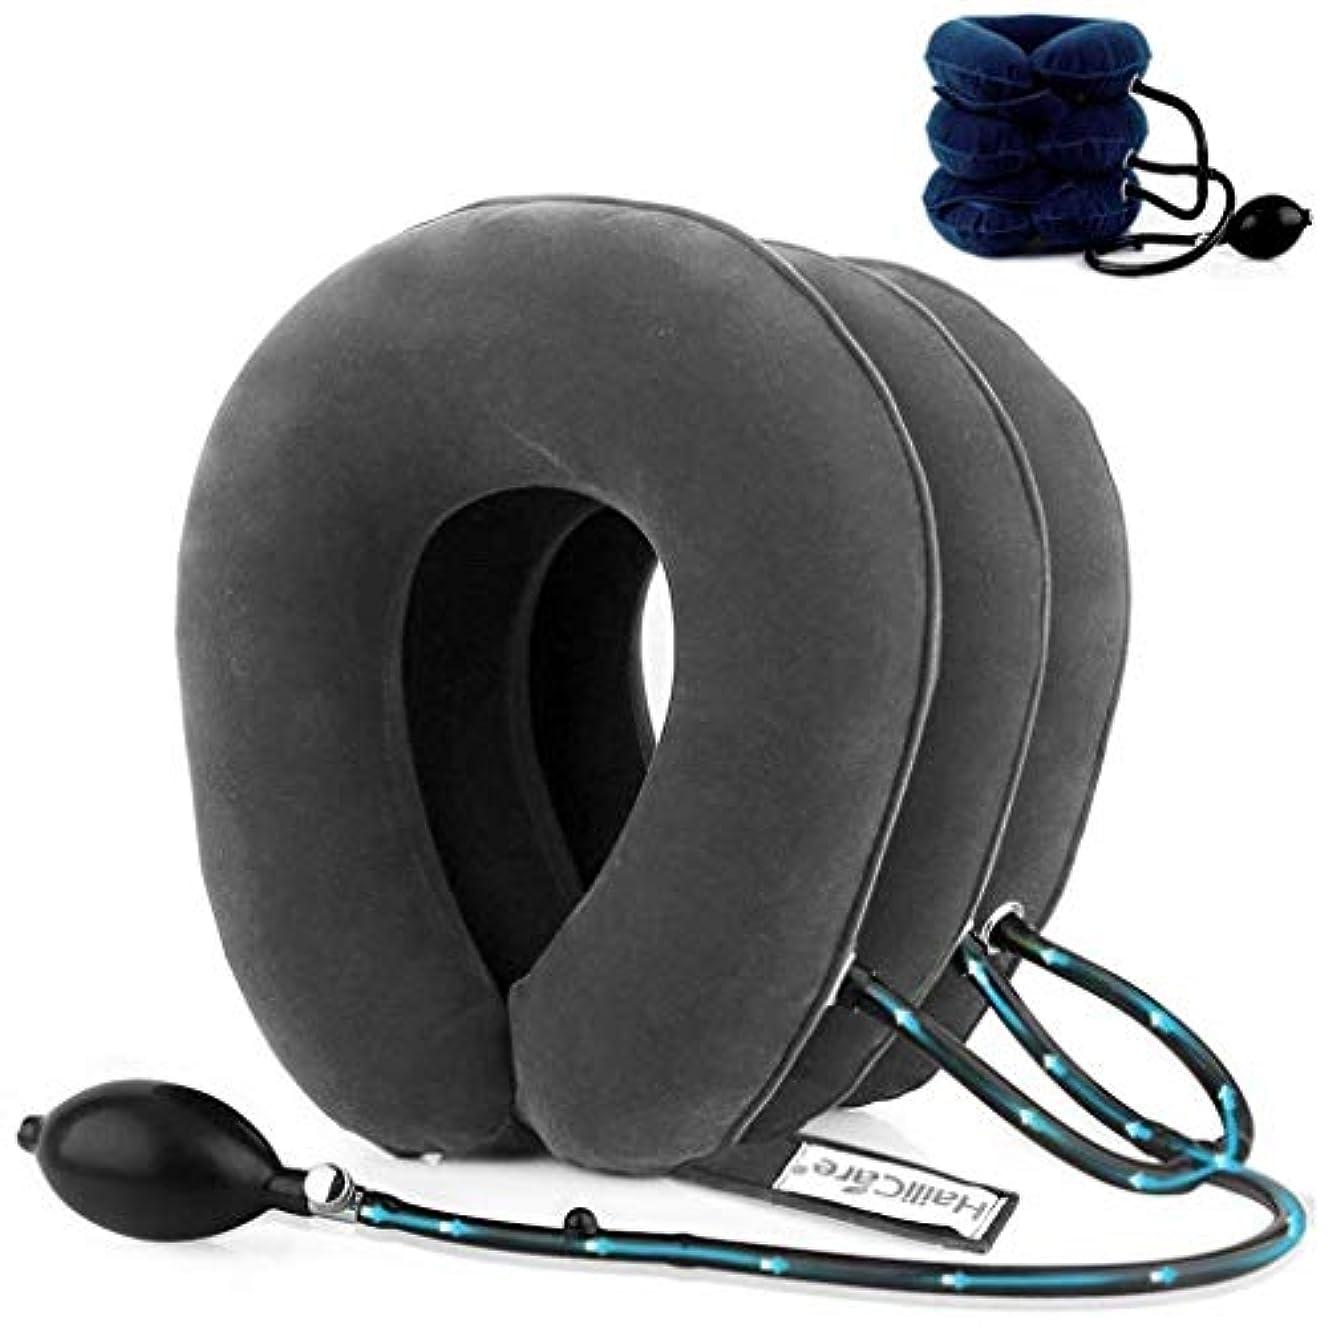 最も早い膨張するプレート首のマッサージャー、膨脹可能なマッサージの首の枕、頚部牽引装置、背部/肩の首のマッサージャー、ヘルスケア、苦痛救助/圧力 (Color : Gray)